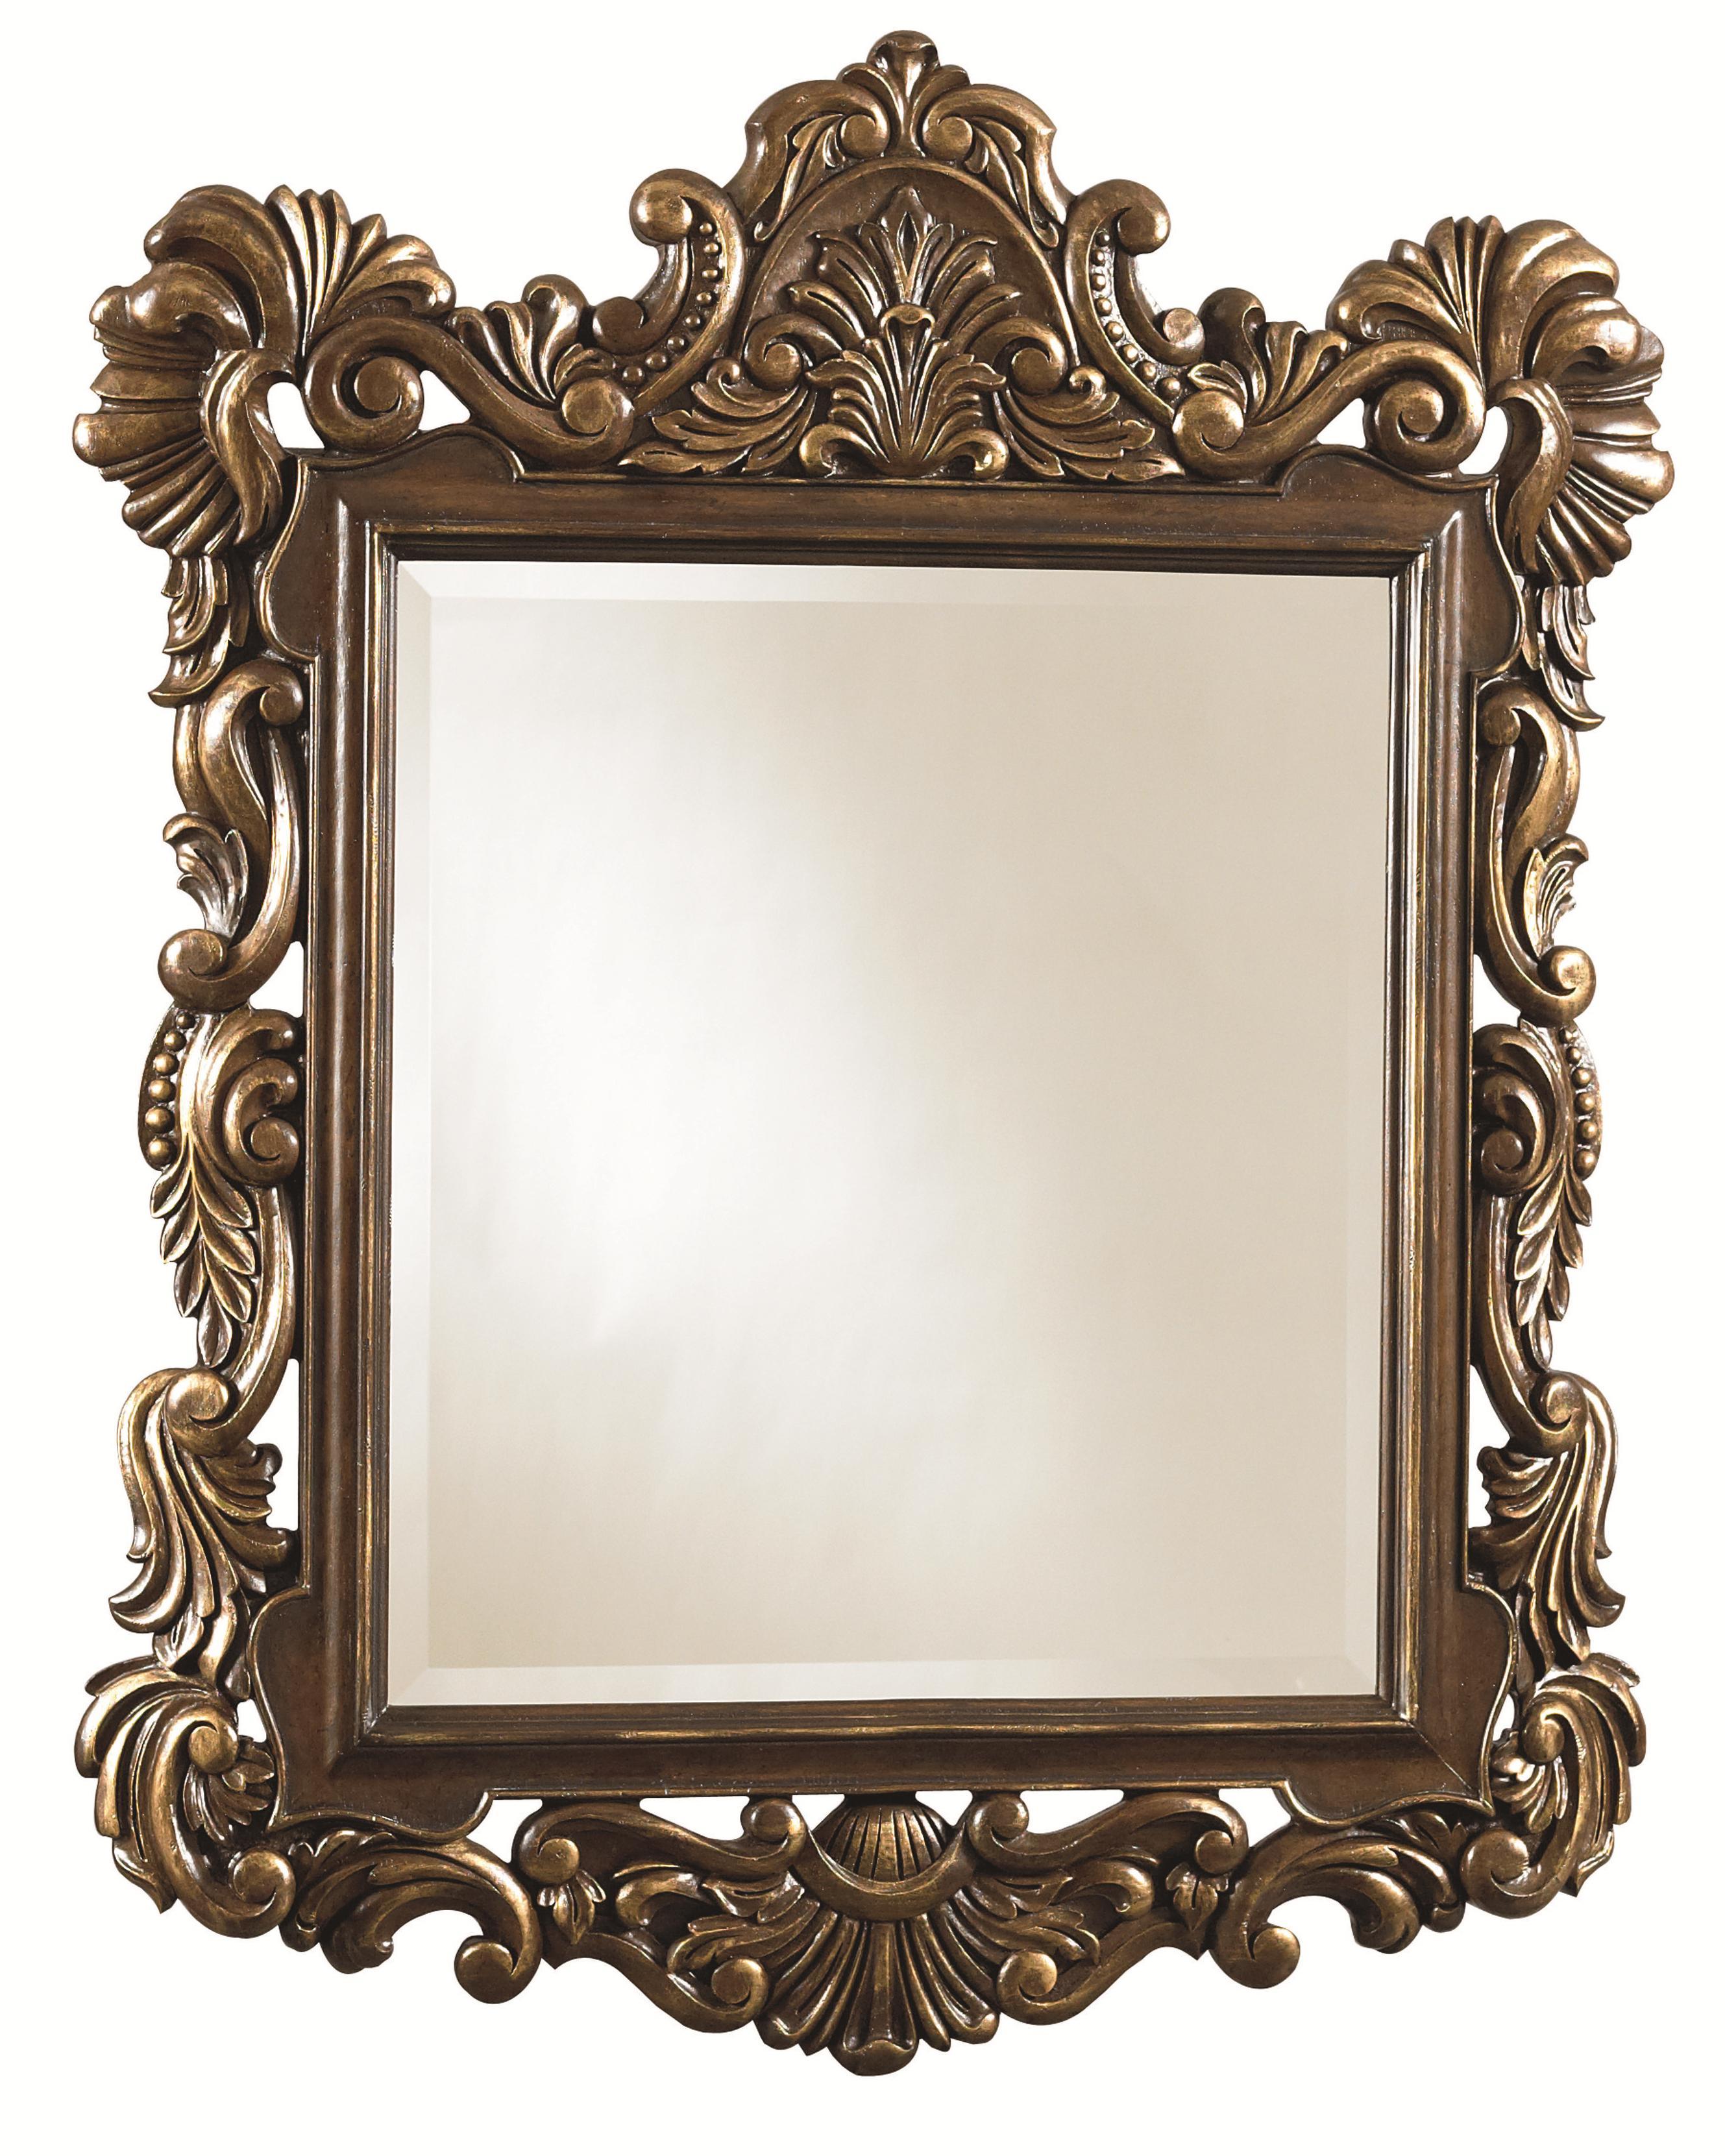 Thomasville® Cassara Mirror - Item Number: 46938-259